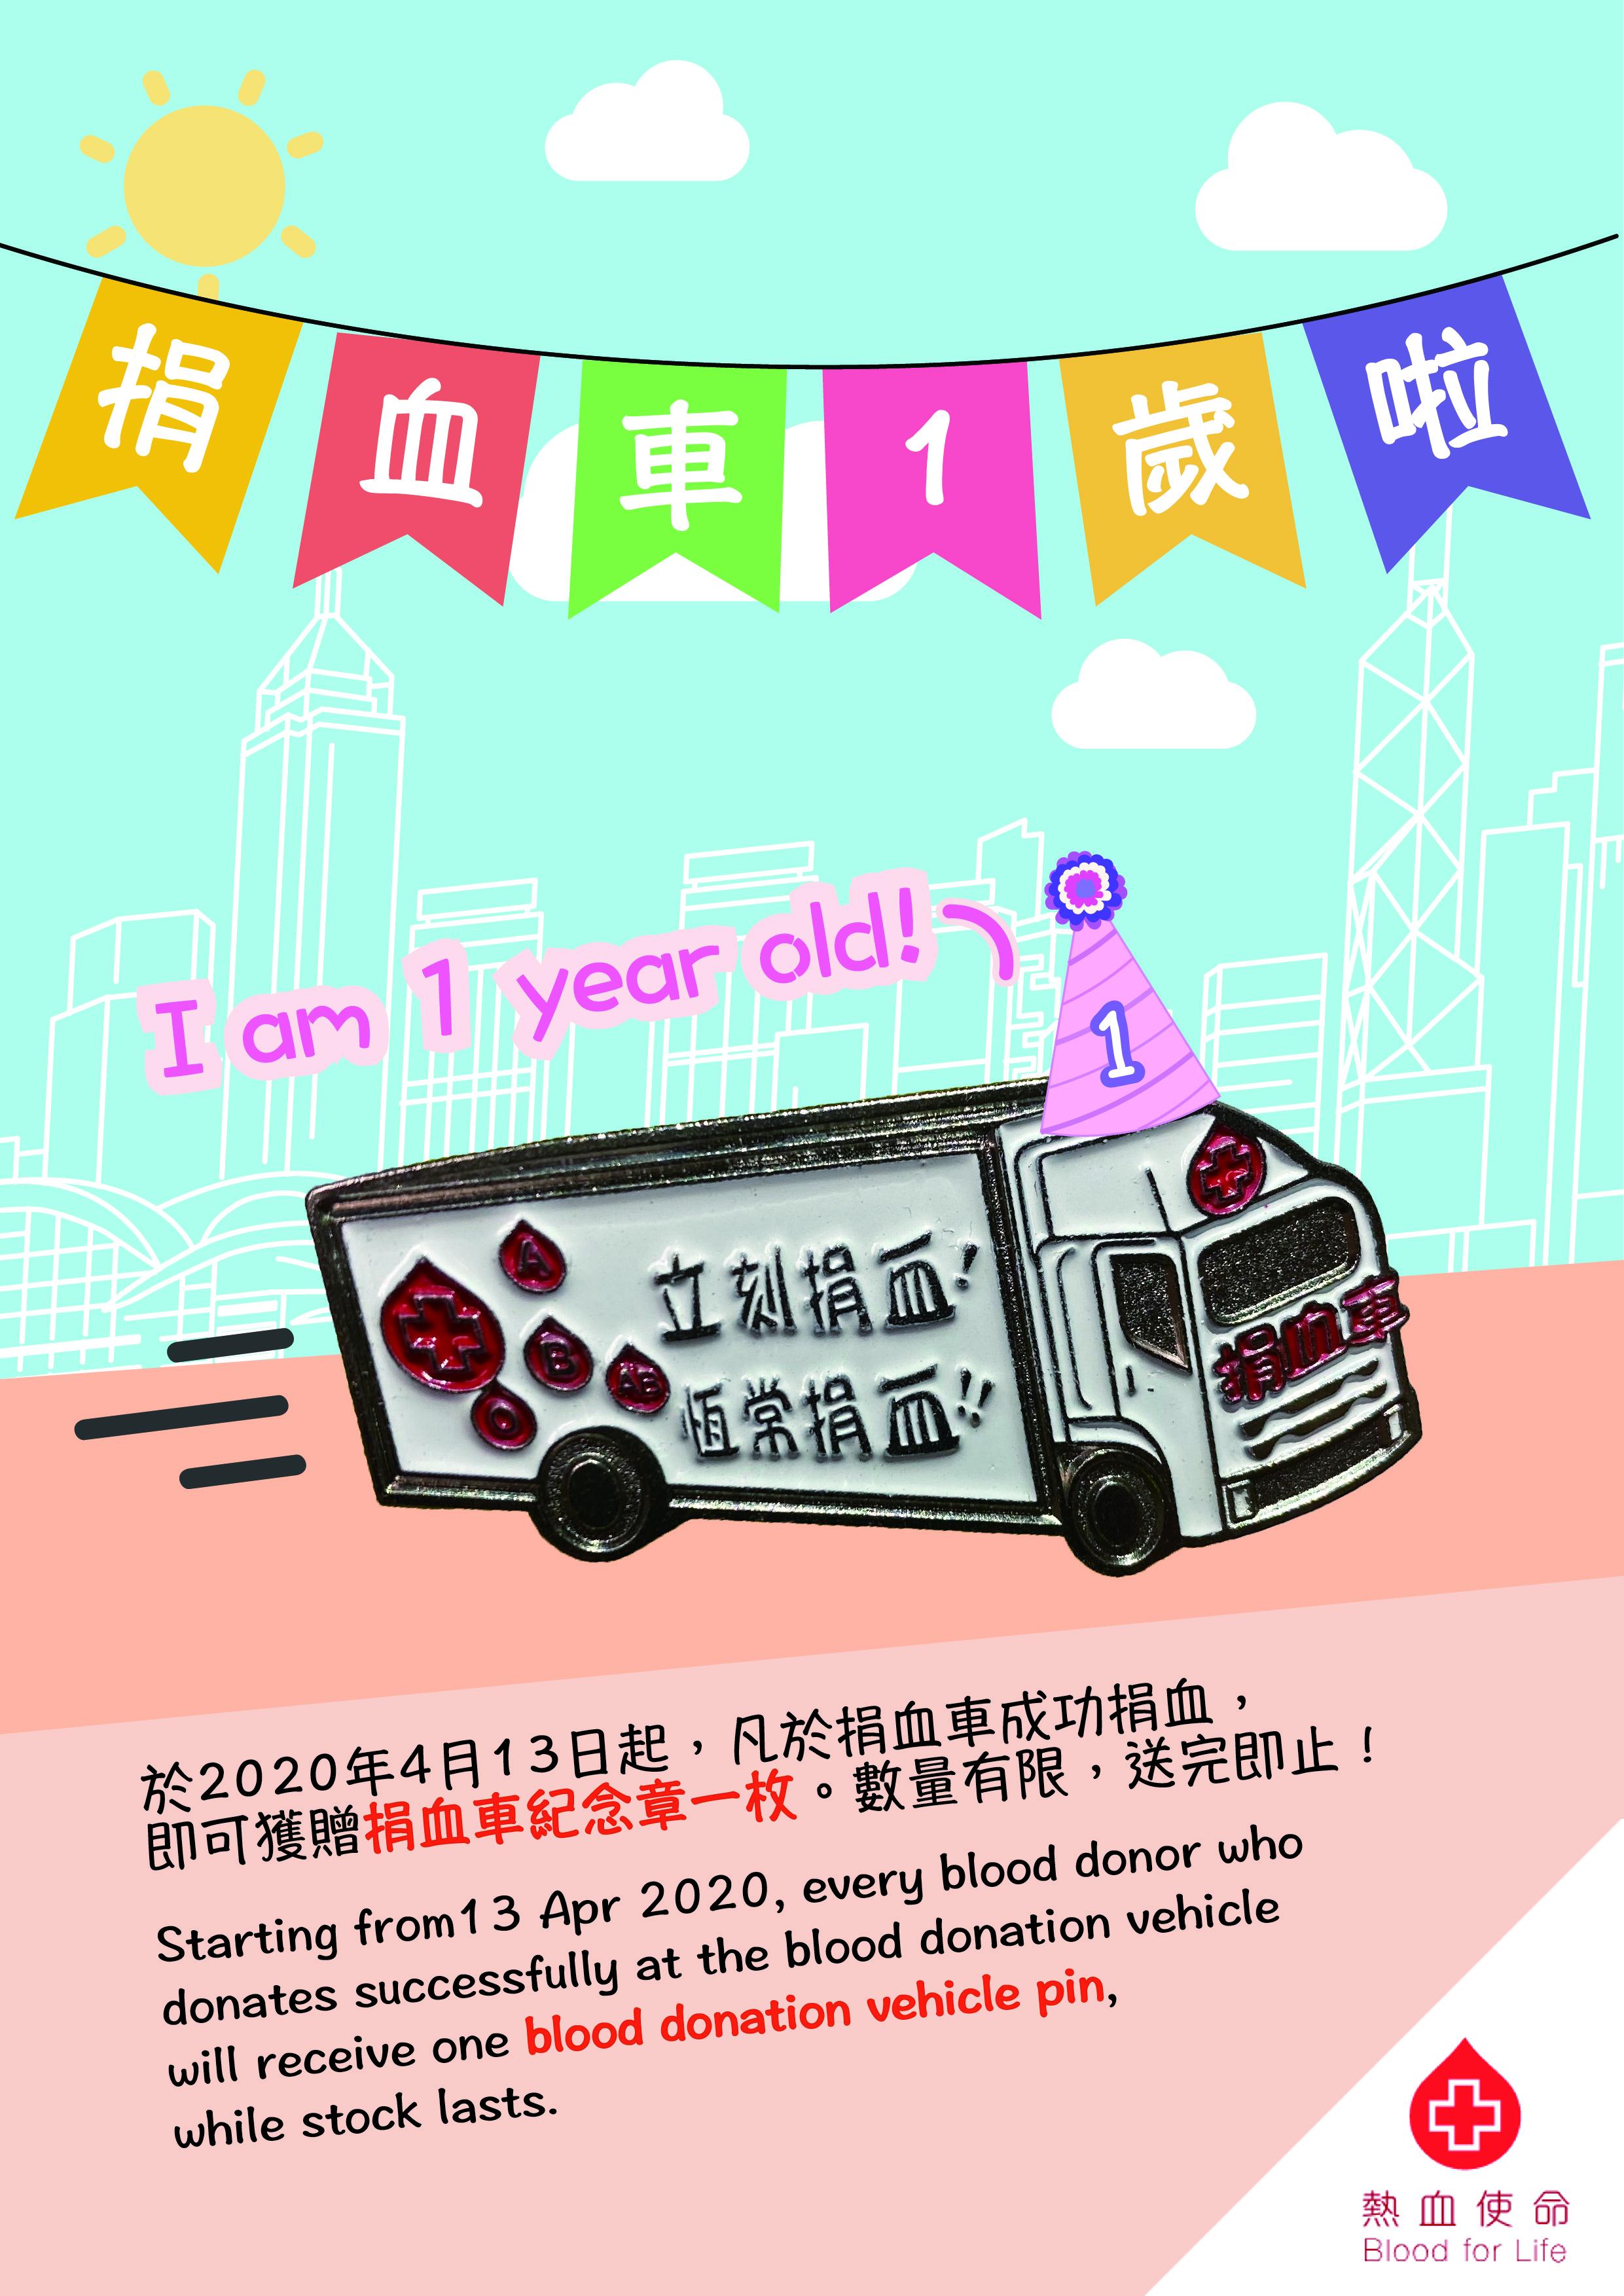 於2020年4月13日起,凡於捐血車成功捐血,即可獲贈捐血車紀念章一枚。數量有限,送完即止!